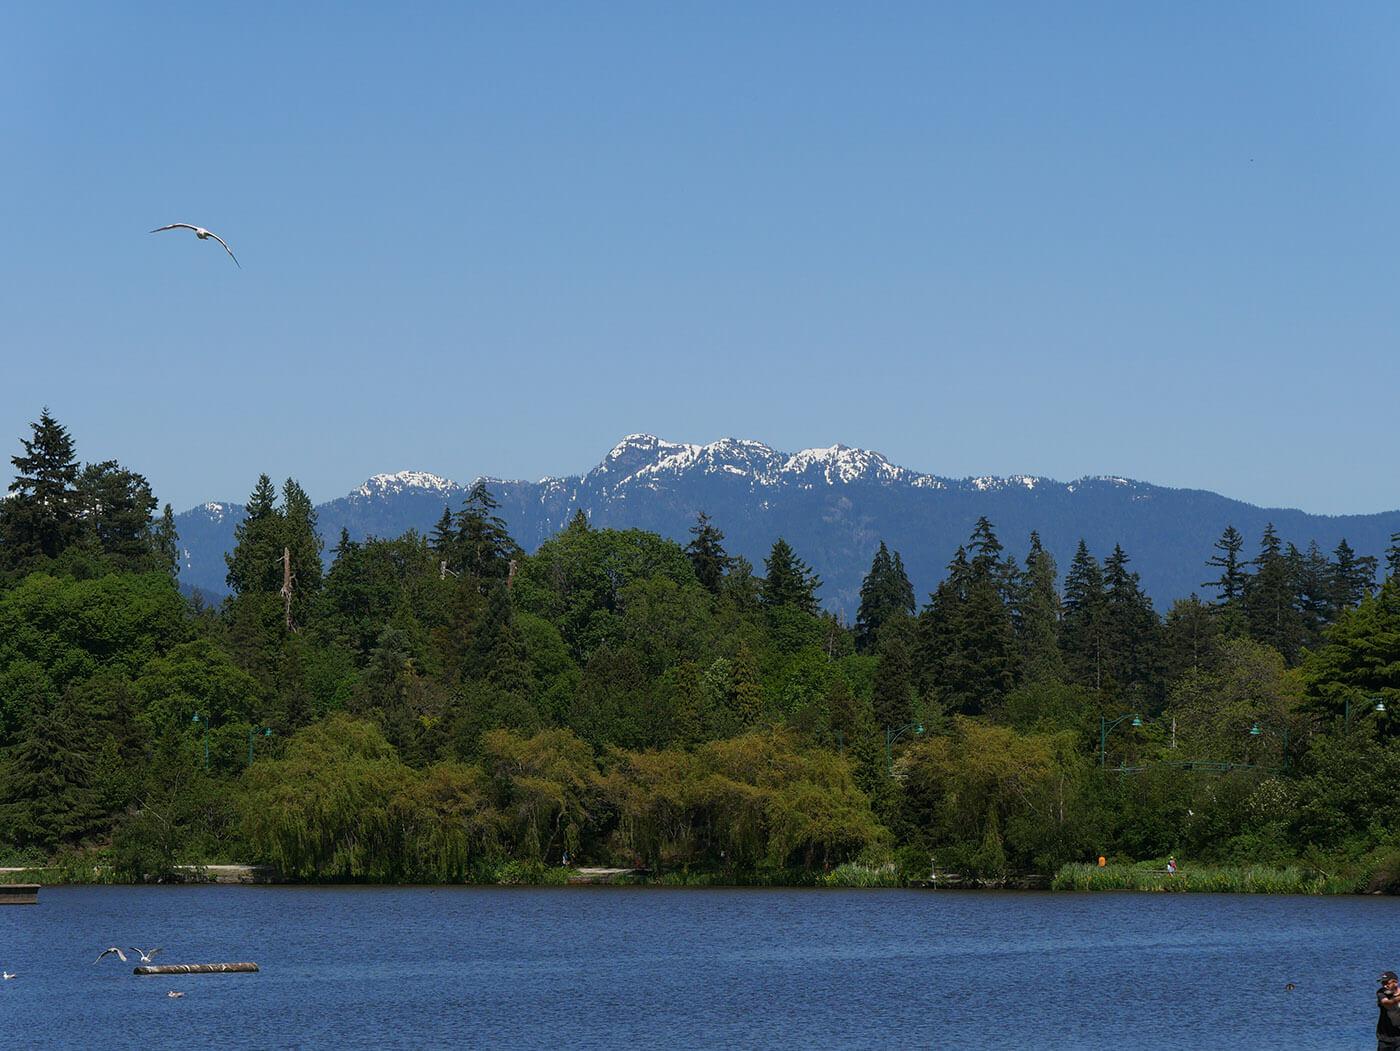 Photo de mouette en vol pris dans le Stanley Park de Vancouver